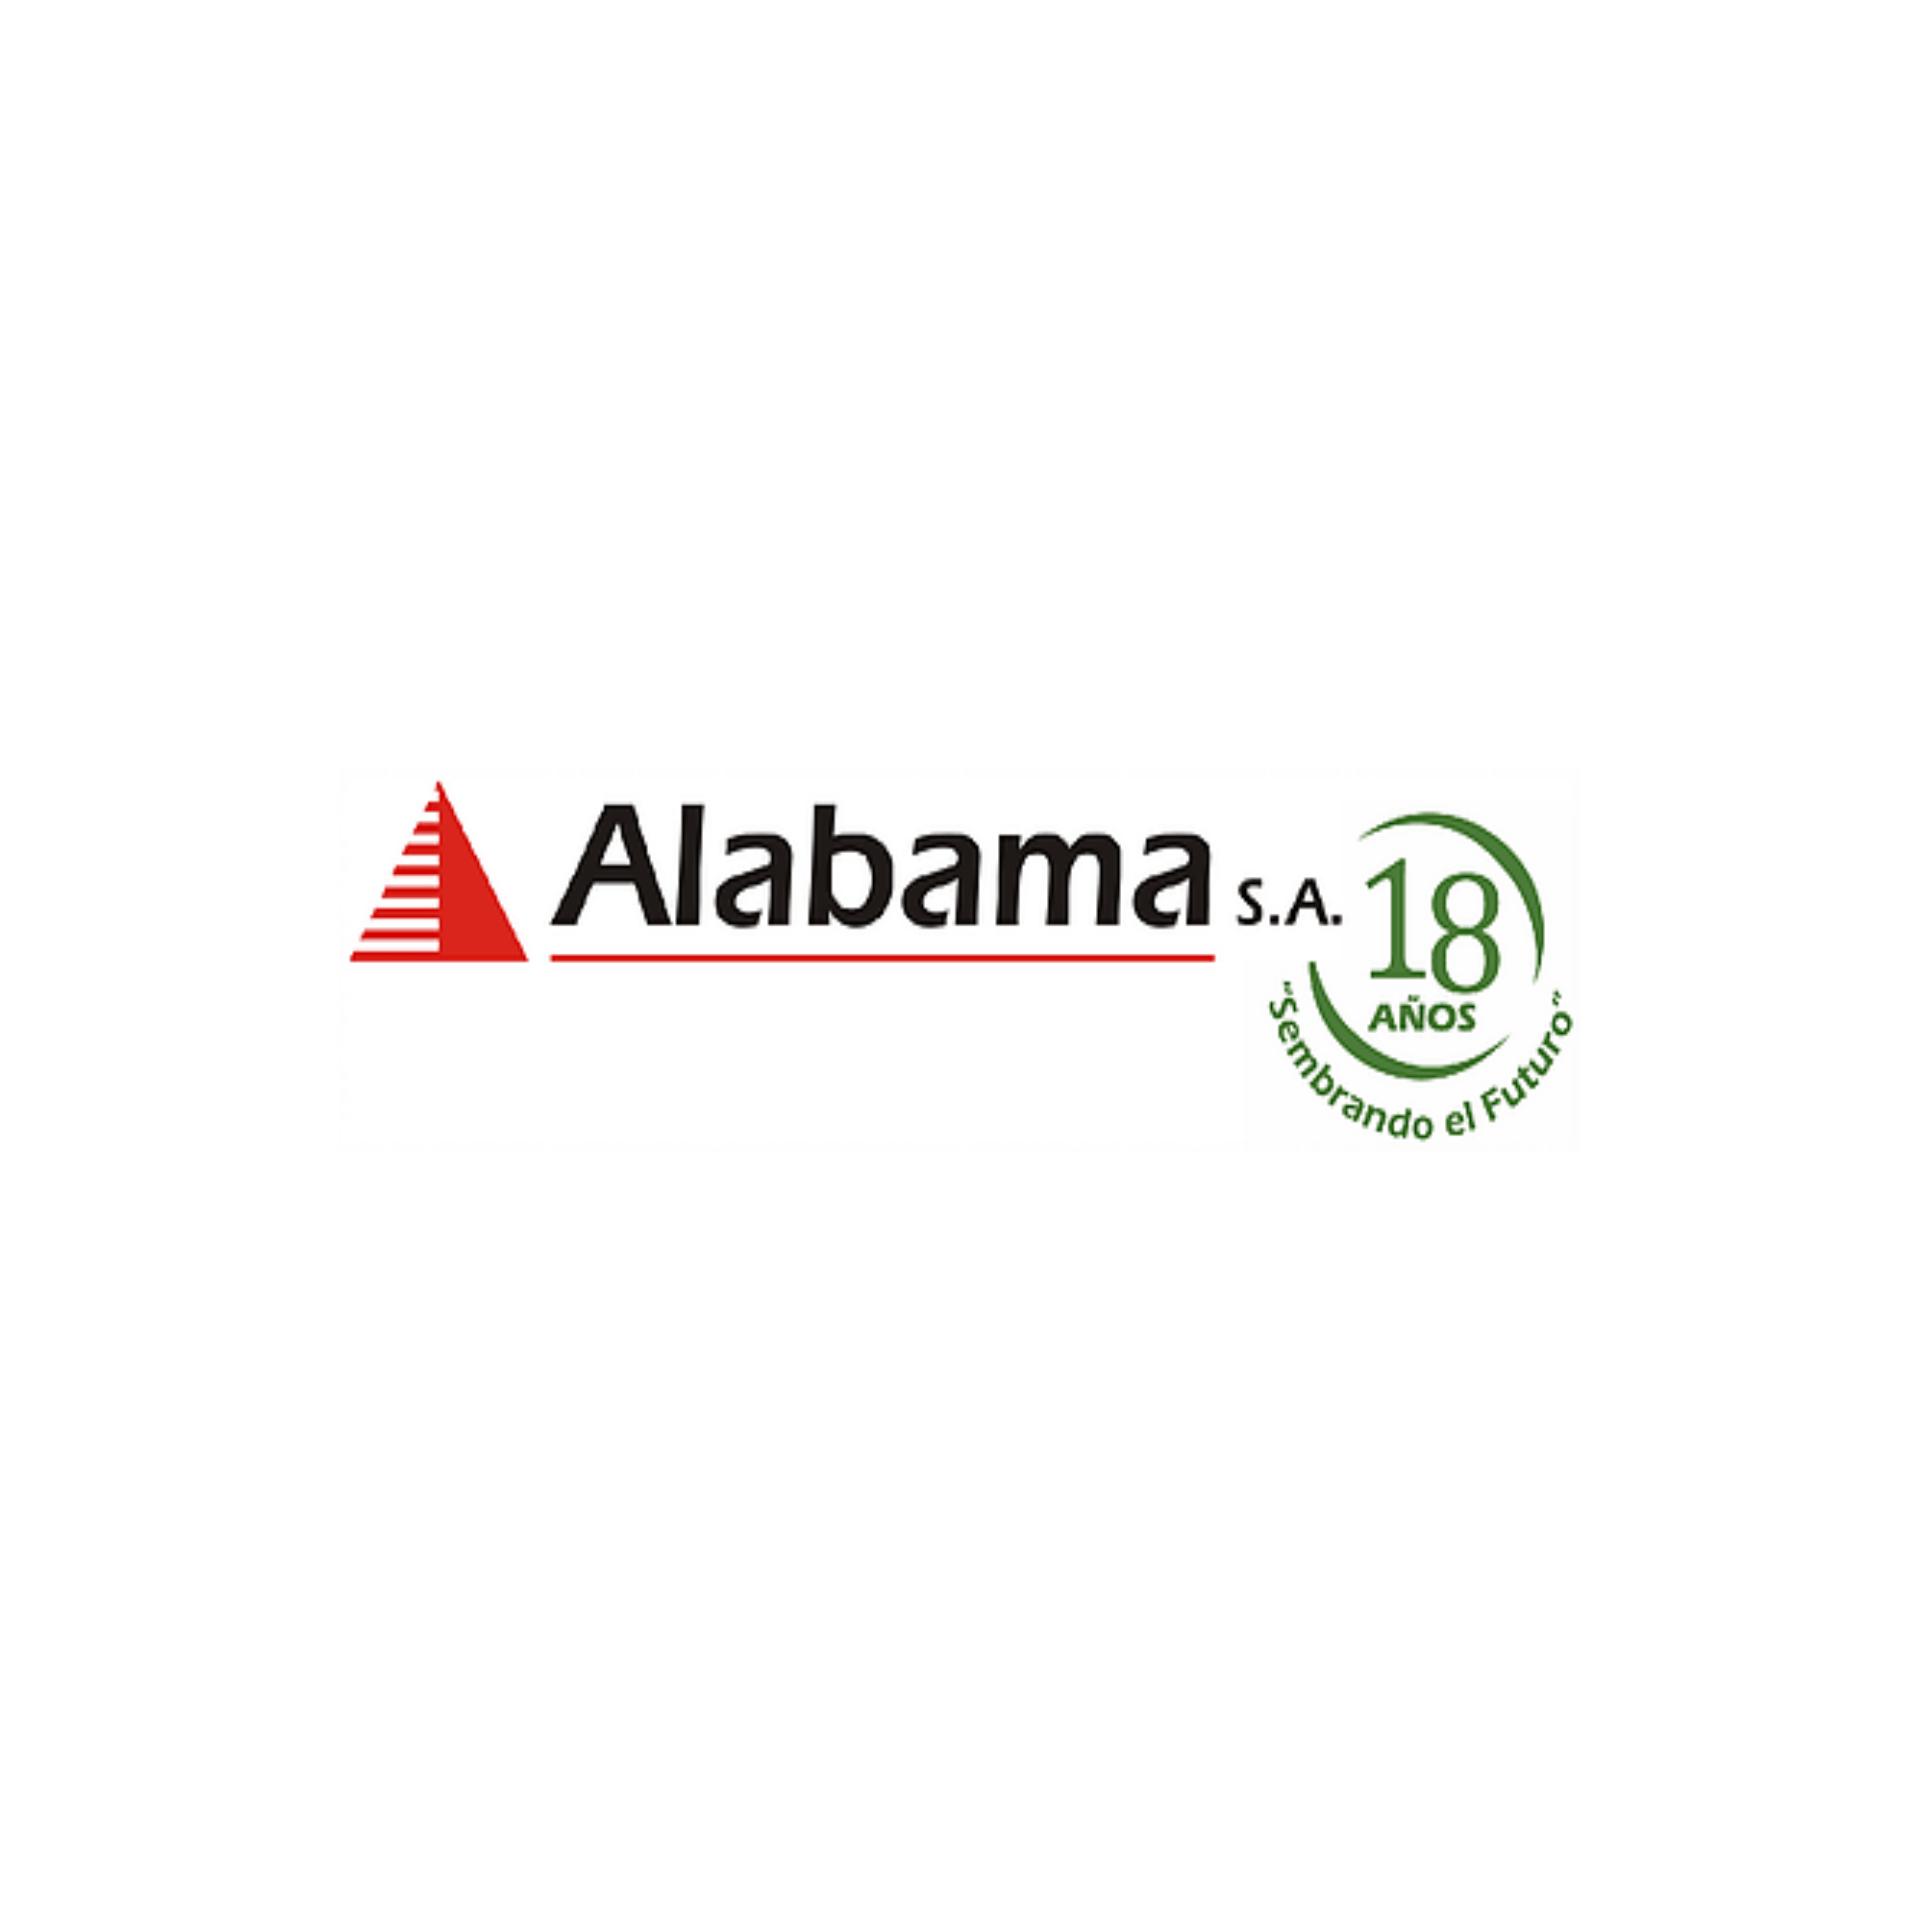 alabama1920